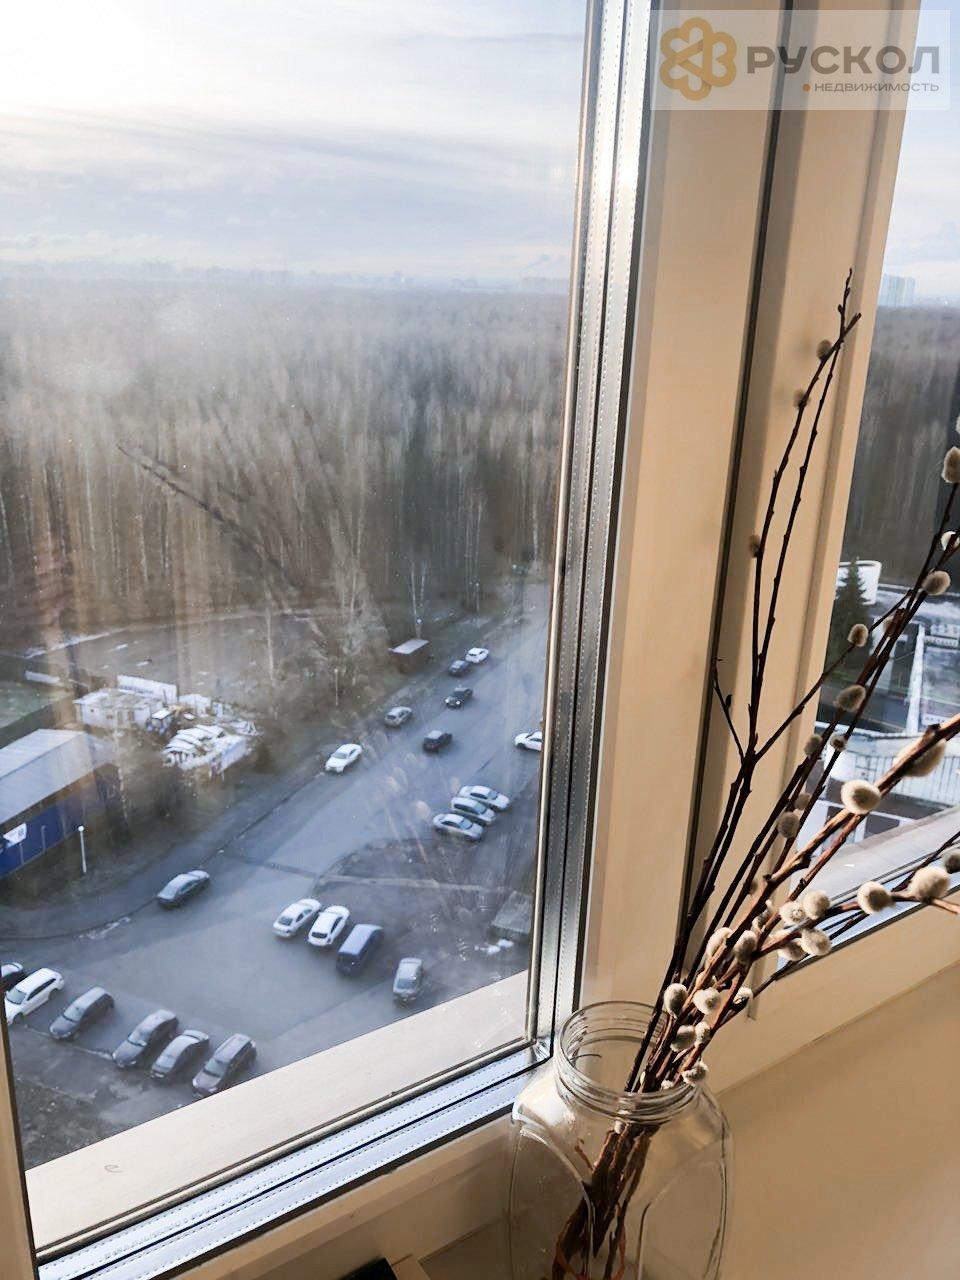 Квартира в аренду по адресу Россия, Санкт-Петербург, Санкт-Петербург, Бутлерова ул., д 9, корпус 3